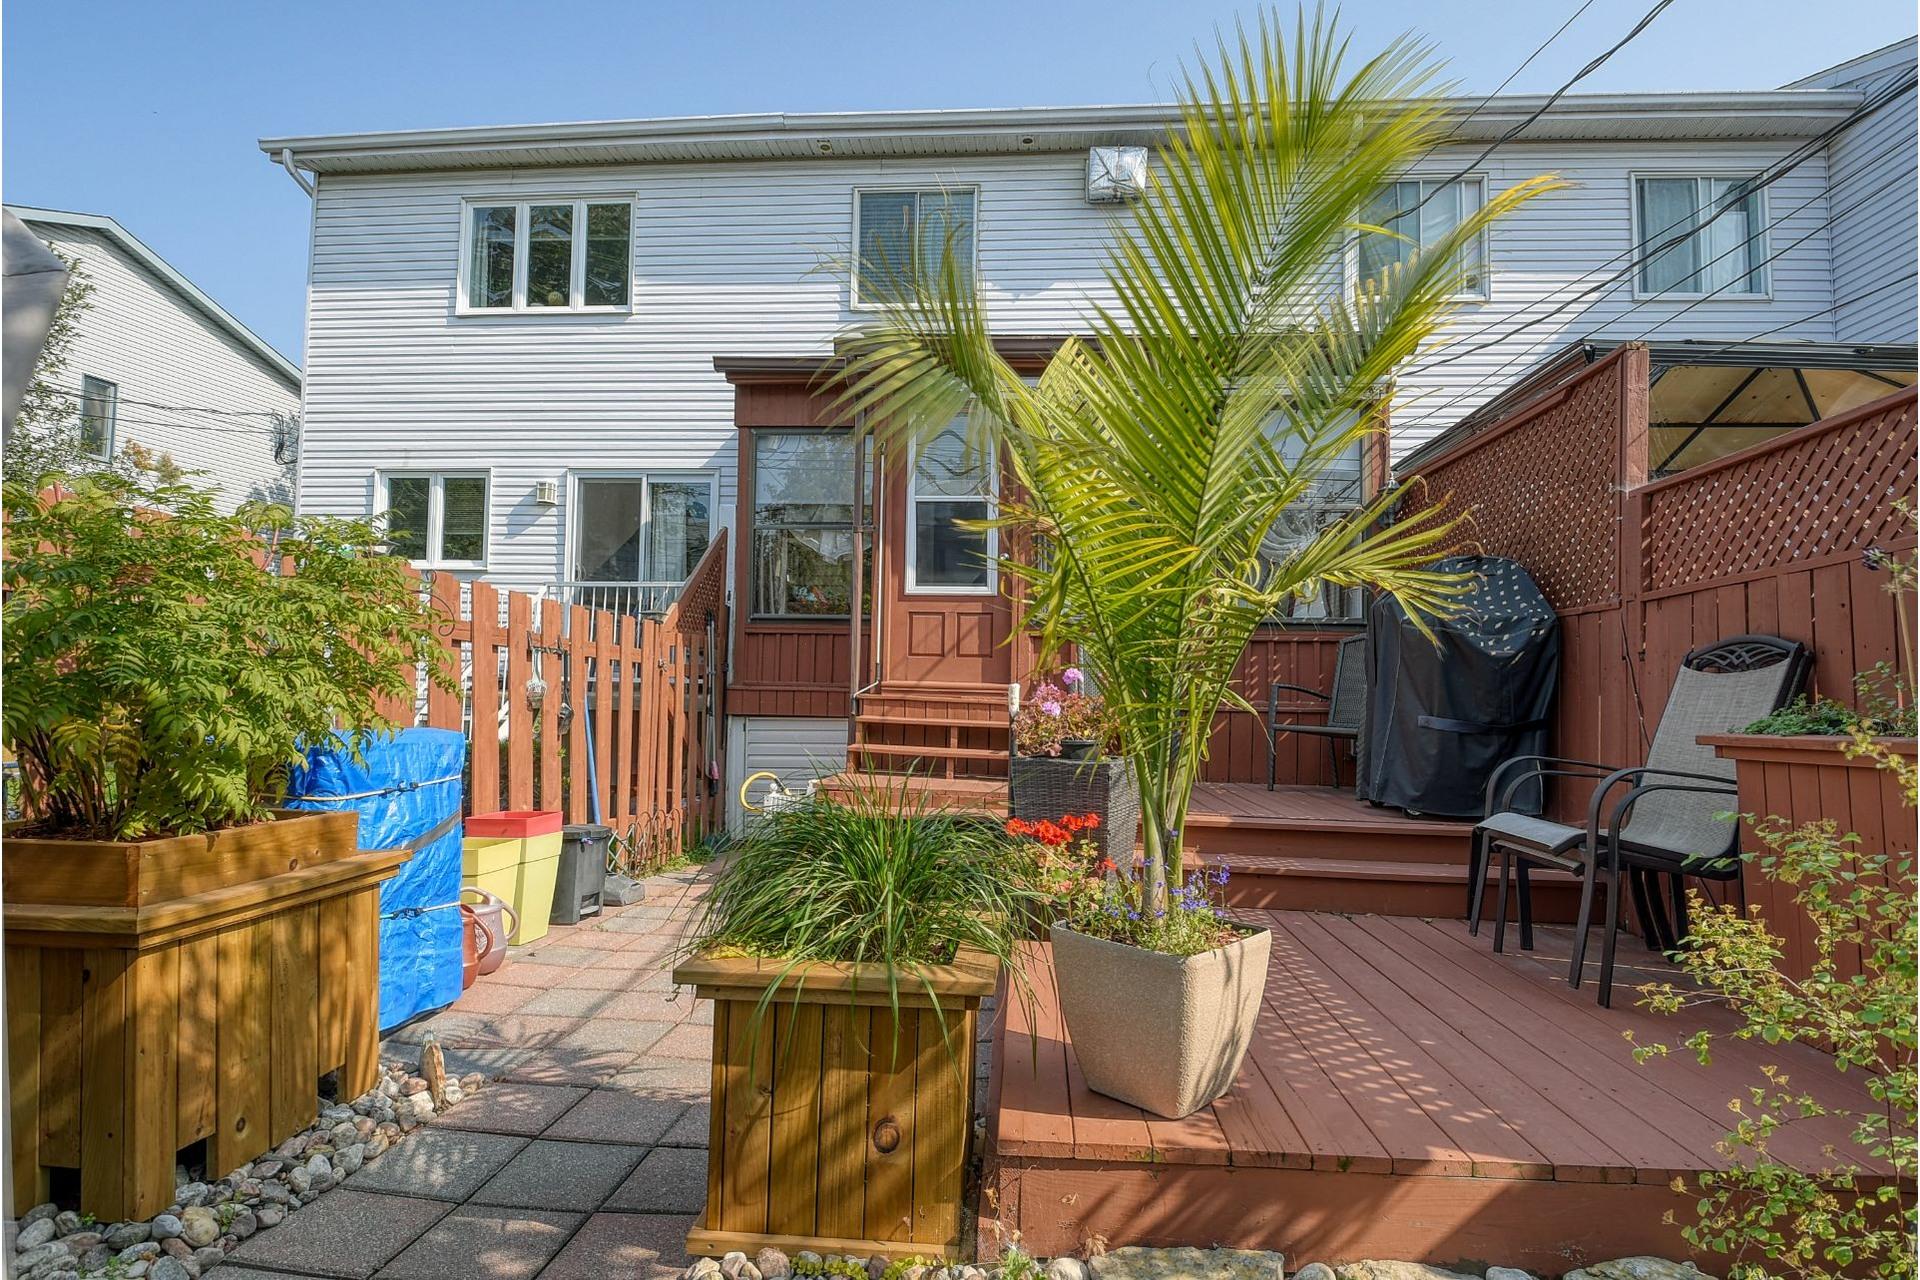 image 23 - House For sale Rivière-des-Prairies/Pointe-aux-Trembles Montréal  - 9 rooms